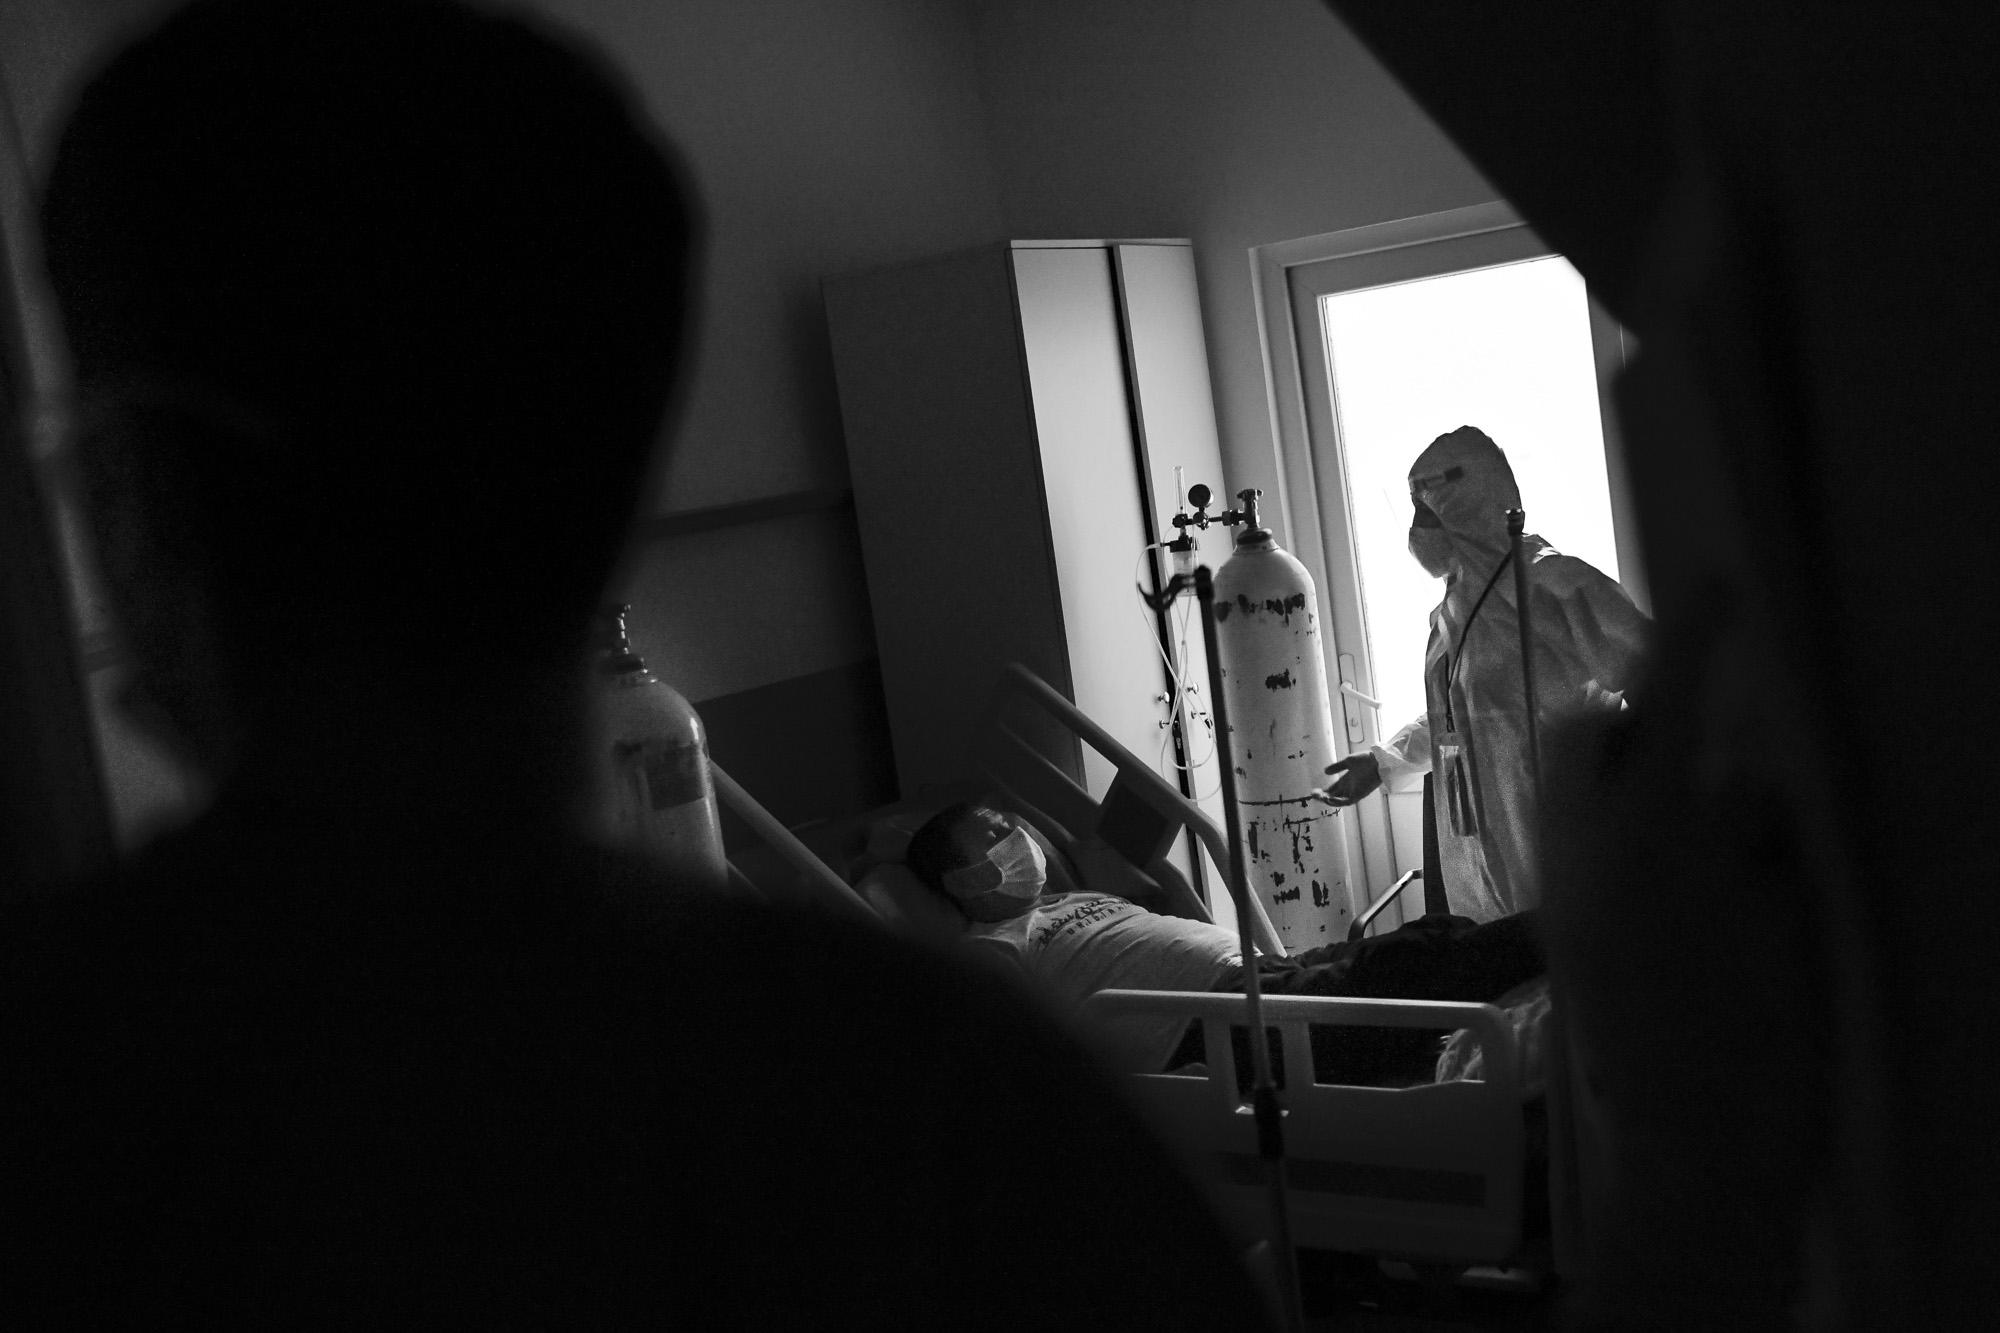 U sobama na Klinici za infektivne bolesti svaki prizor je bolniji od prethodnog.